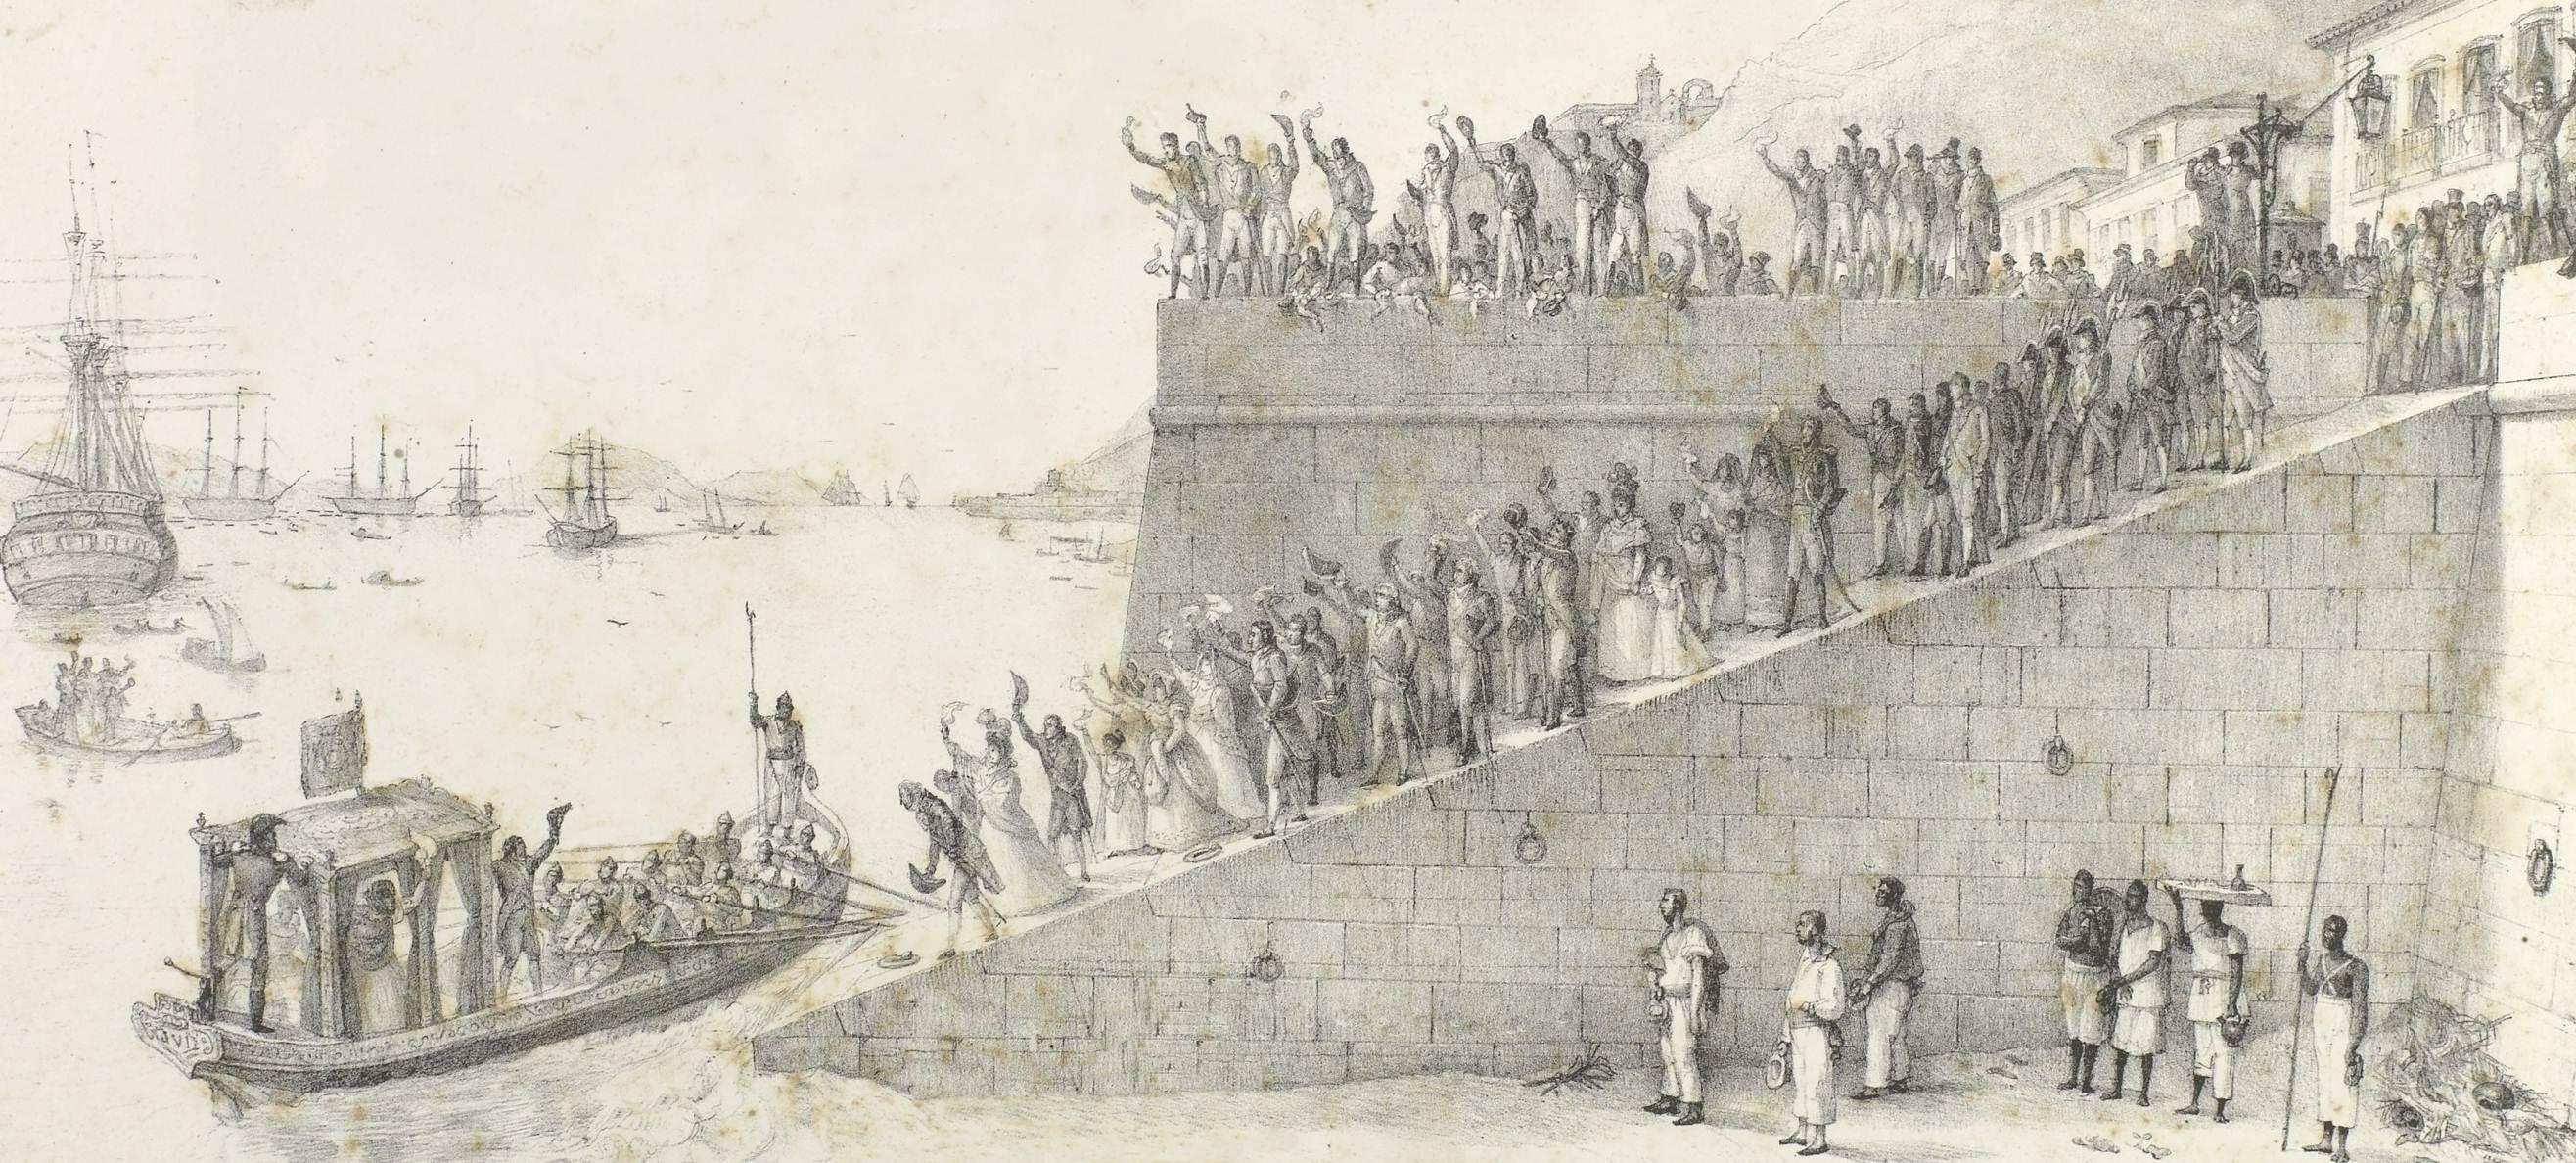 Representação do retorno de D. João VI para Lisboa.